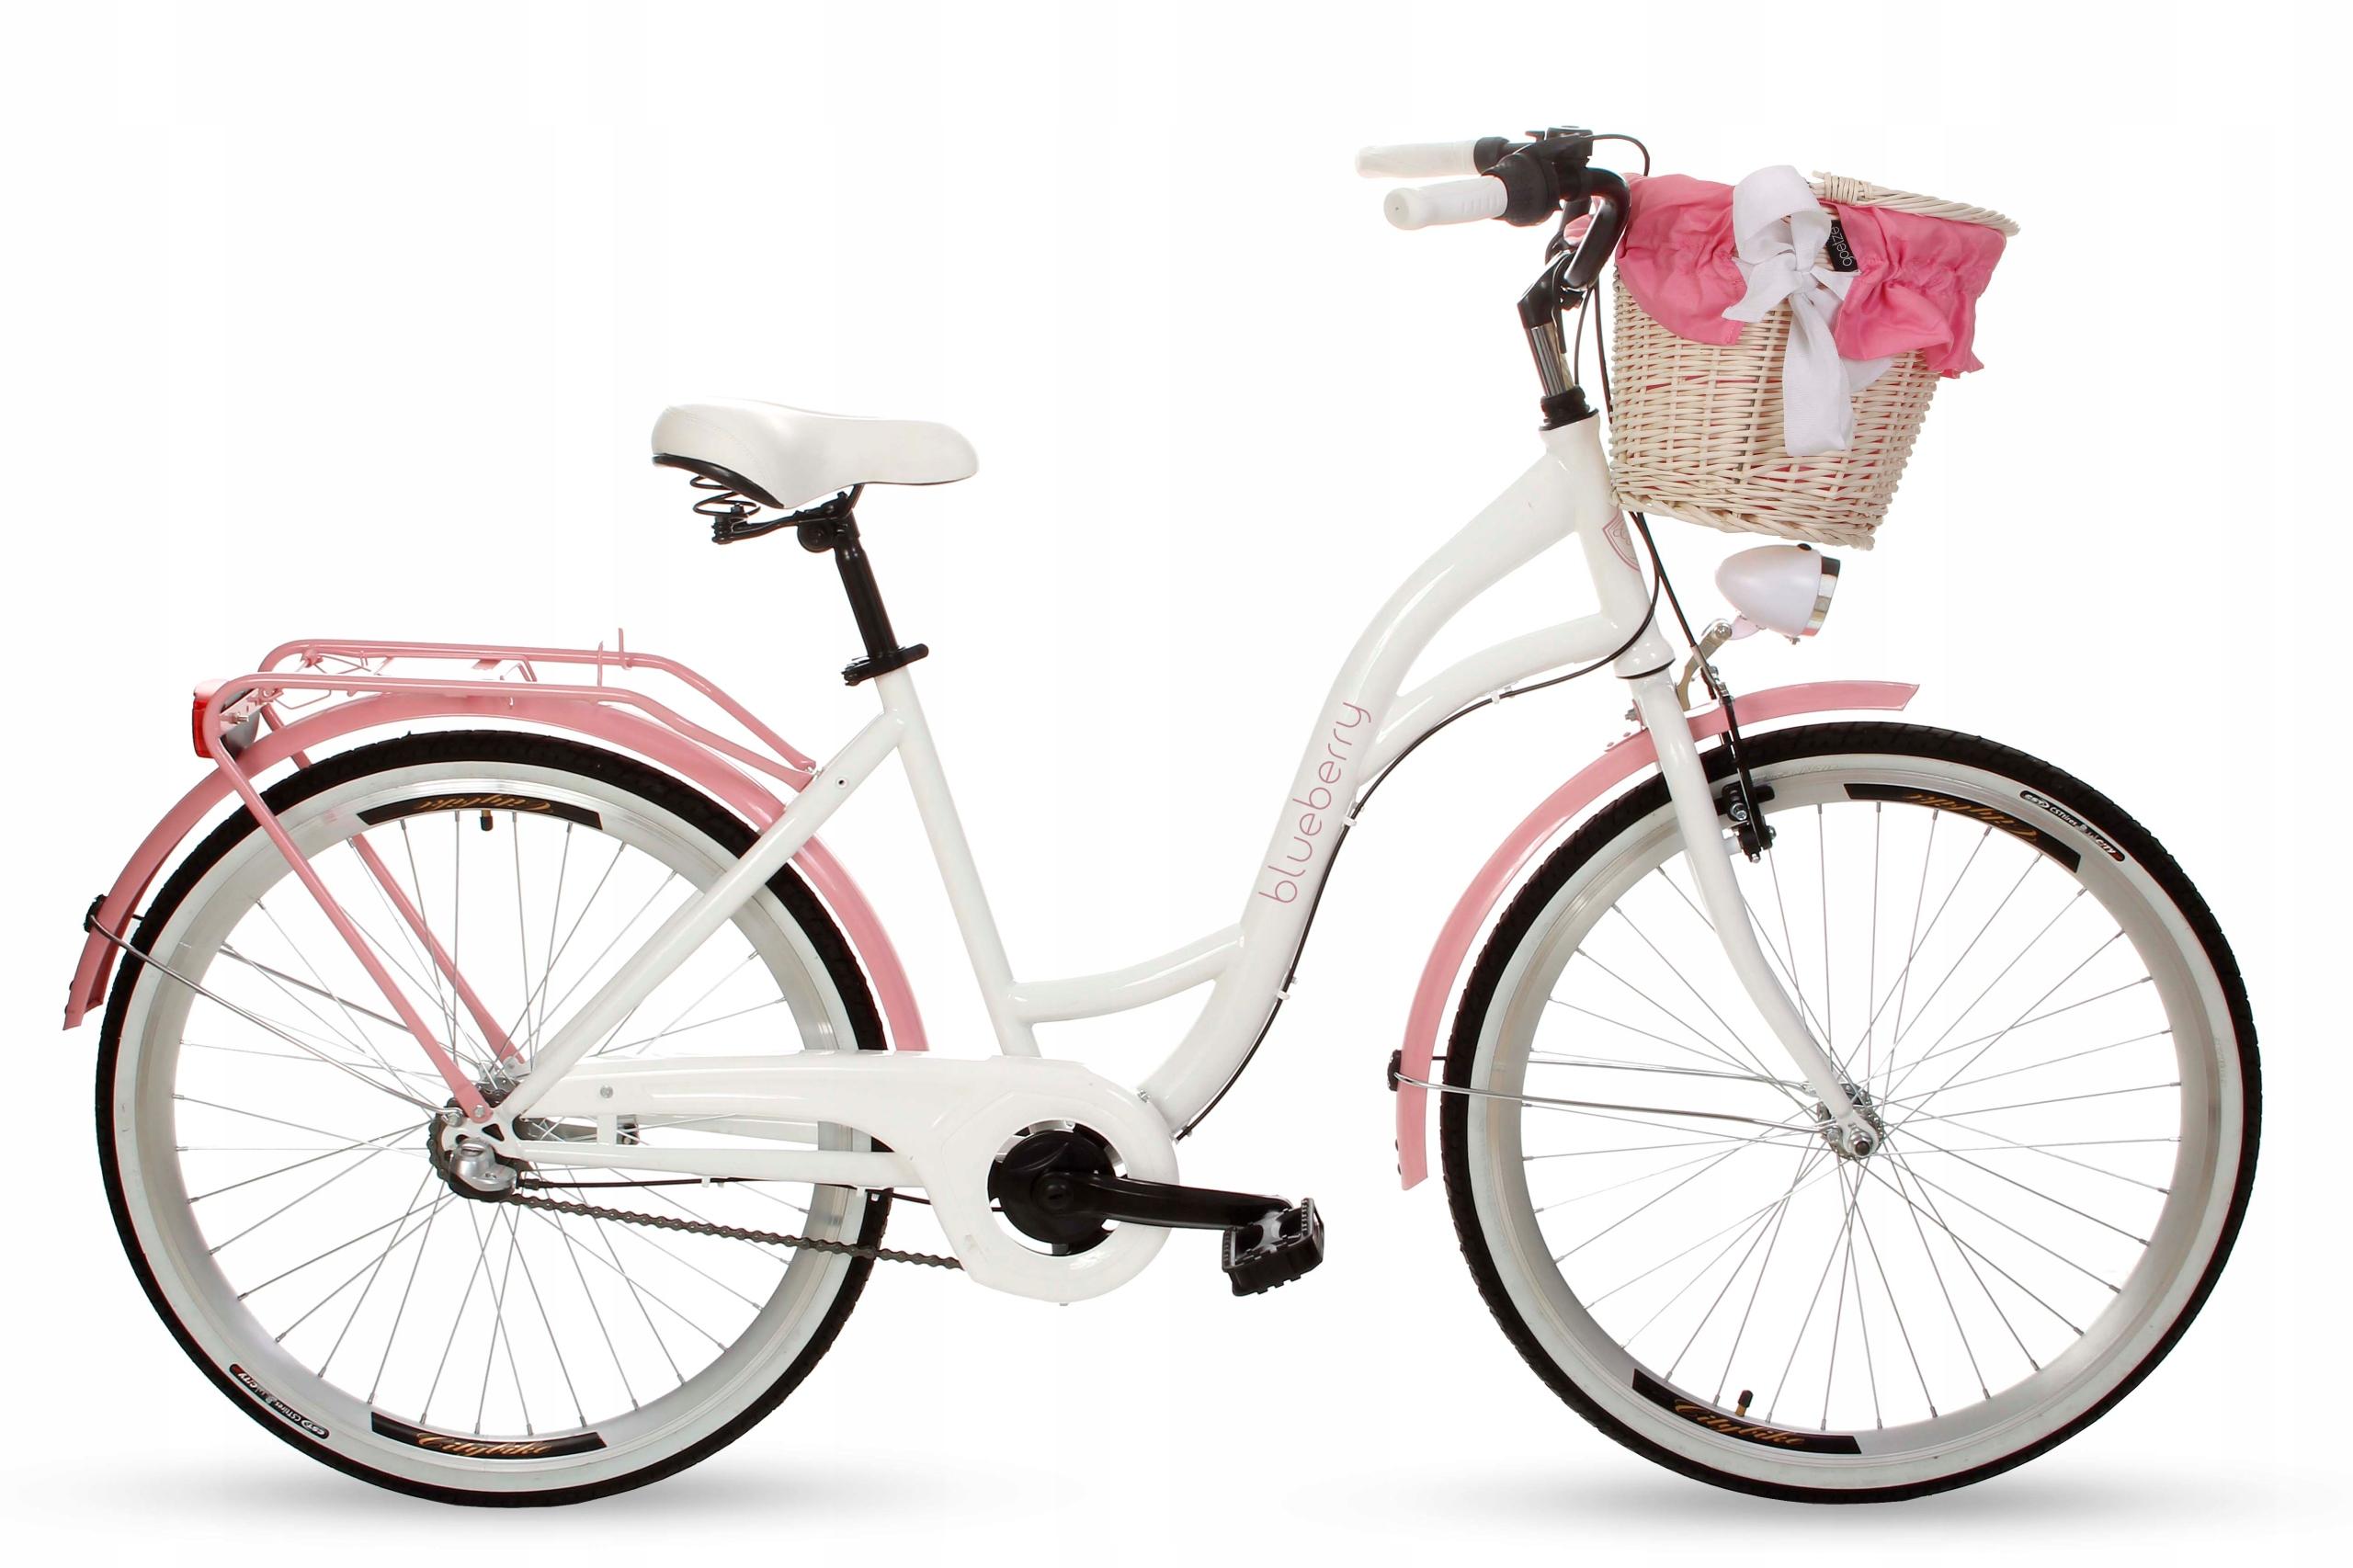 Dámsky mestský bicykel Goetze BLUEBERRY 26 3b košík!